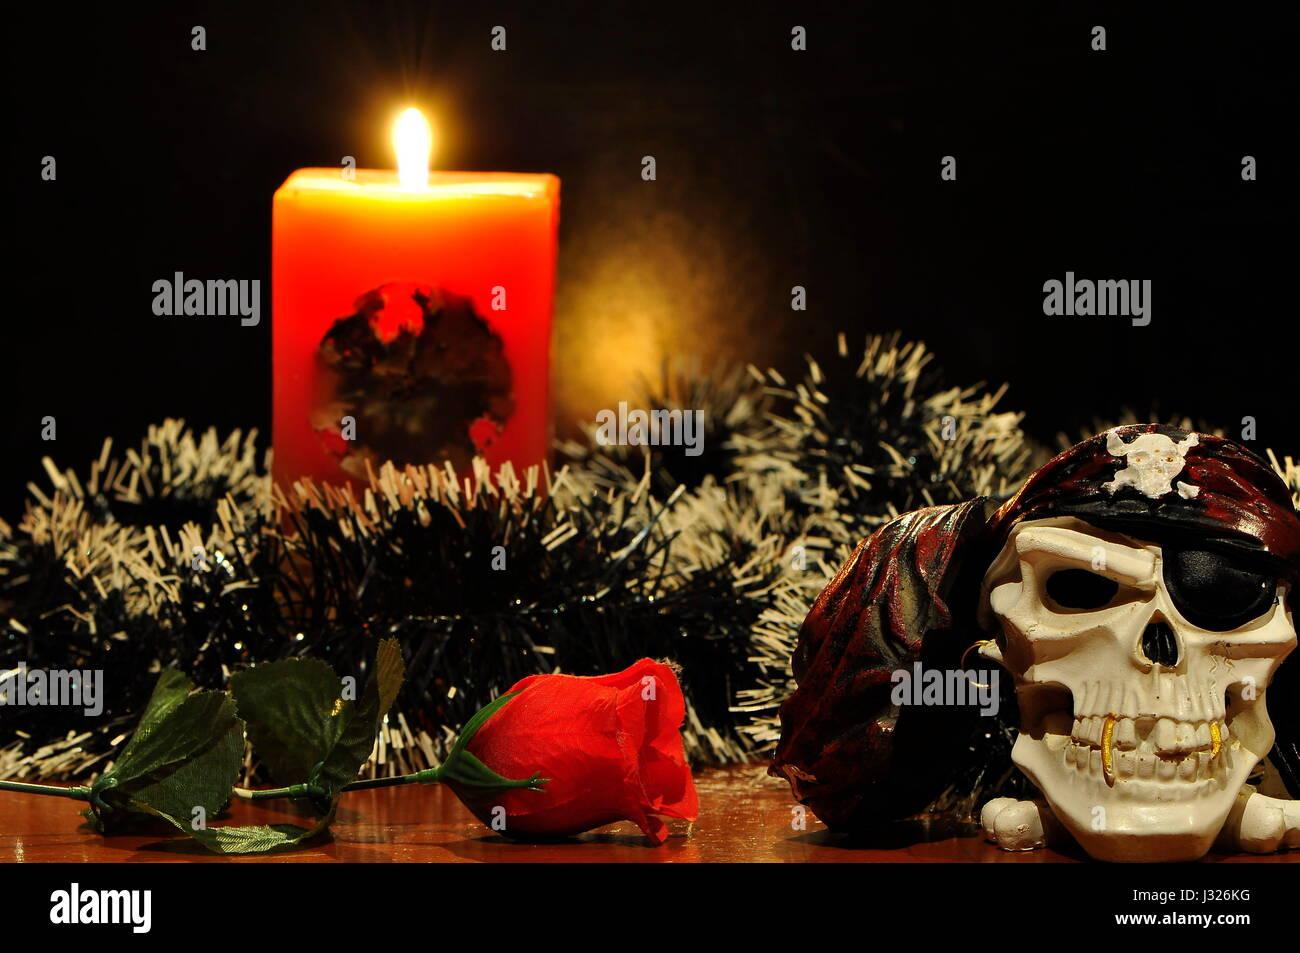 Burning Rose Phone Background